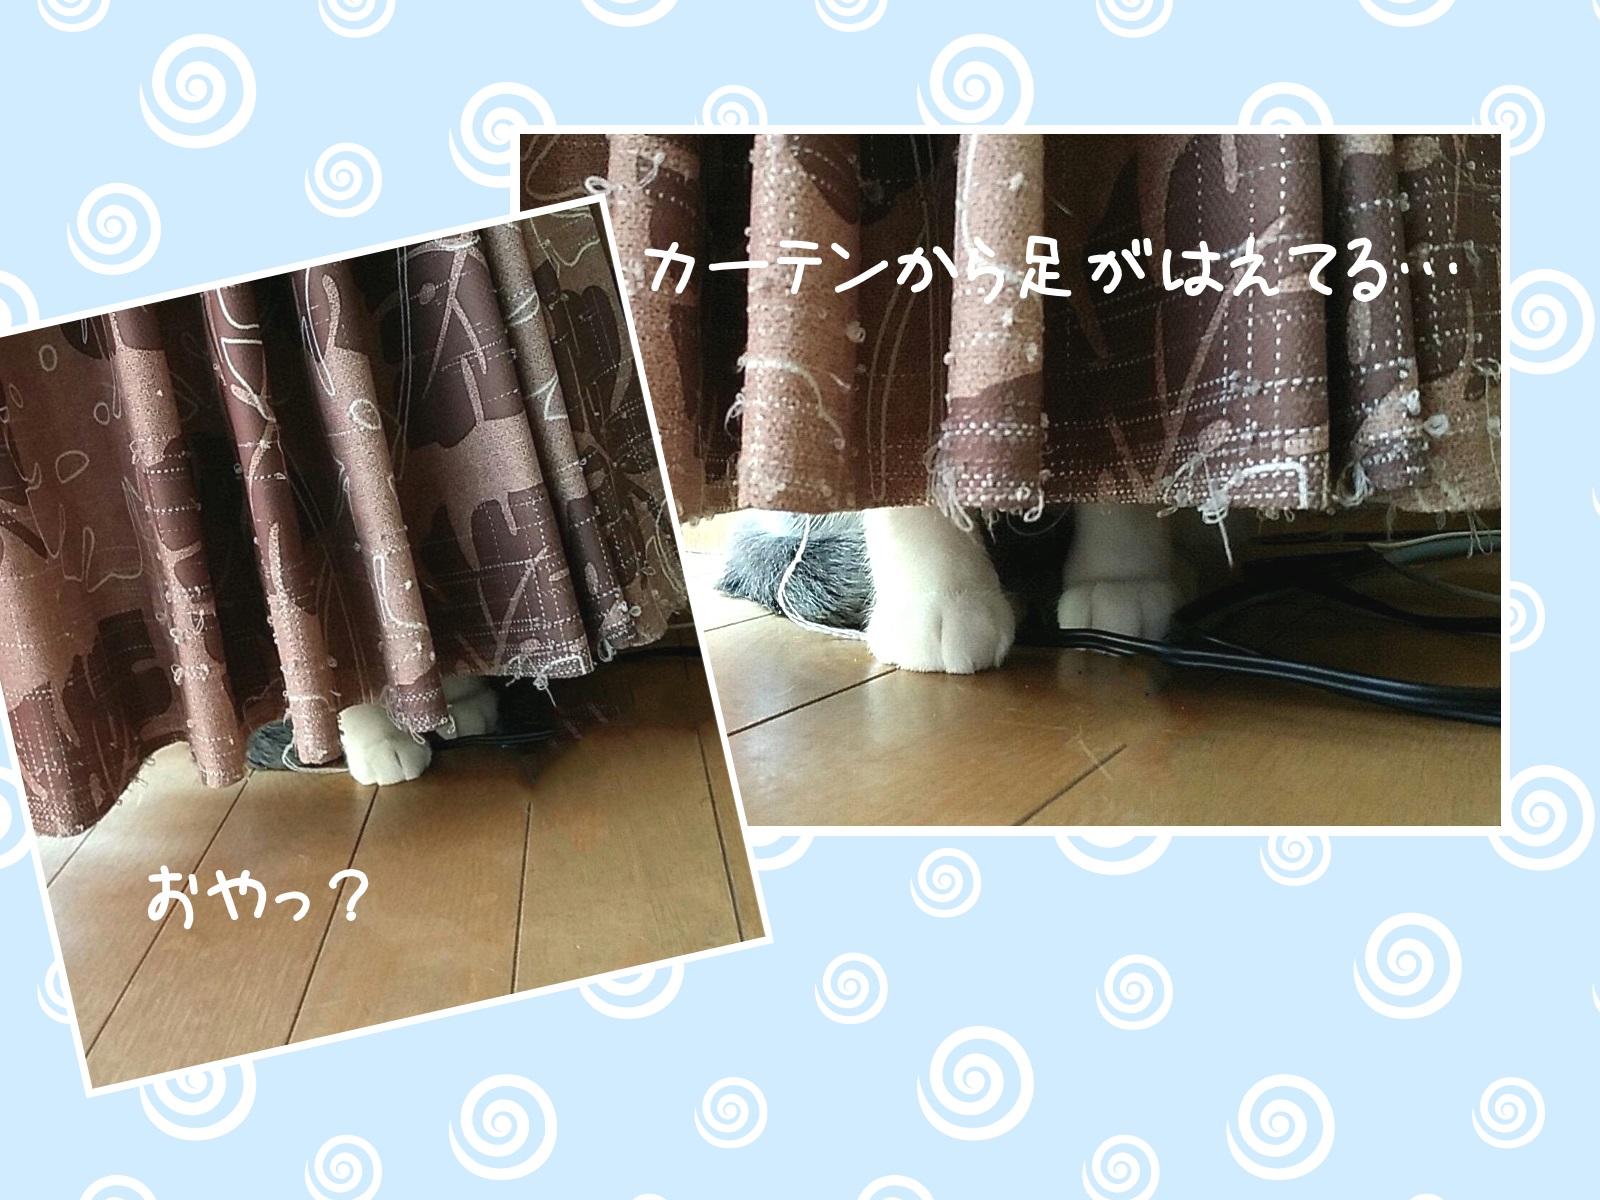 カーテンに隠れている猫の写真